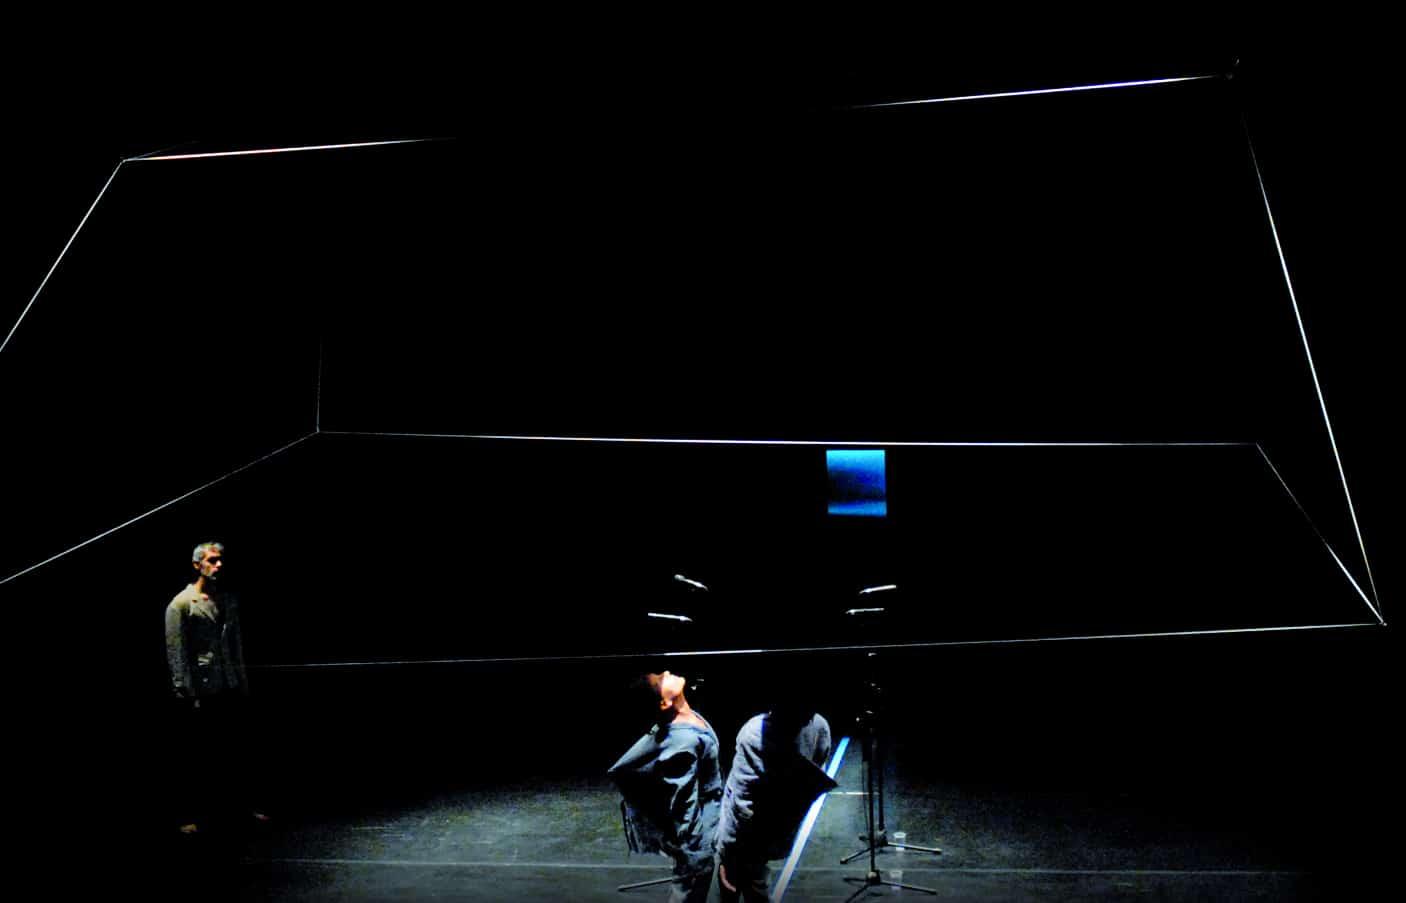 Tam Teatromusica, deForma*, 2007-2009, particolare momento di deForma'07, foto di Michele Sambin, Archivio Tam in Dvd, Vol. III, n. 18, Padova, Edizioni Tam, 2010.